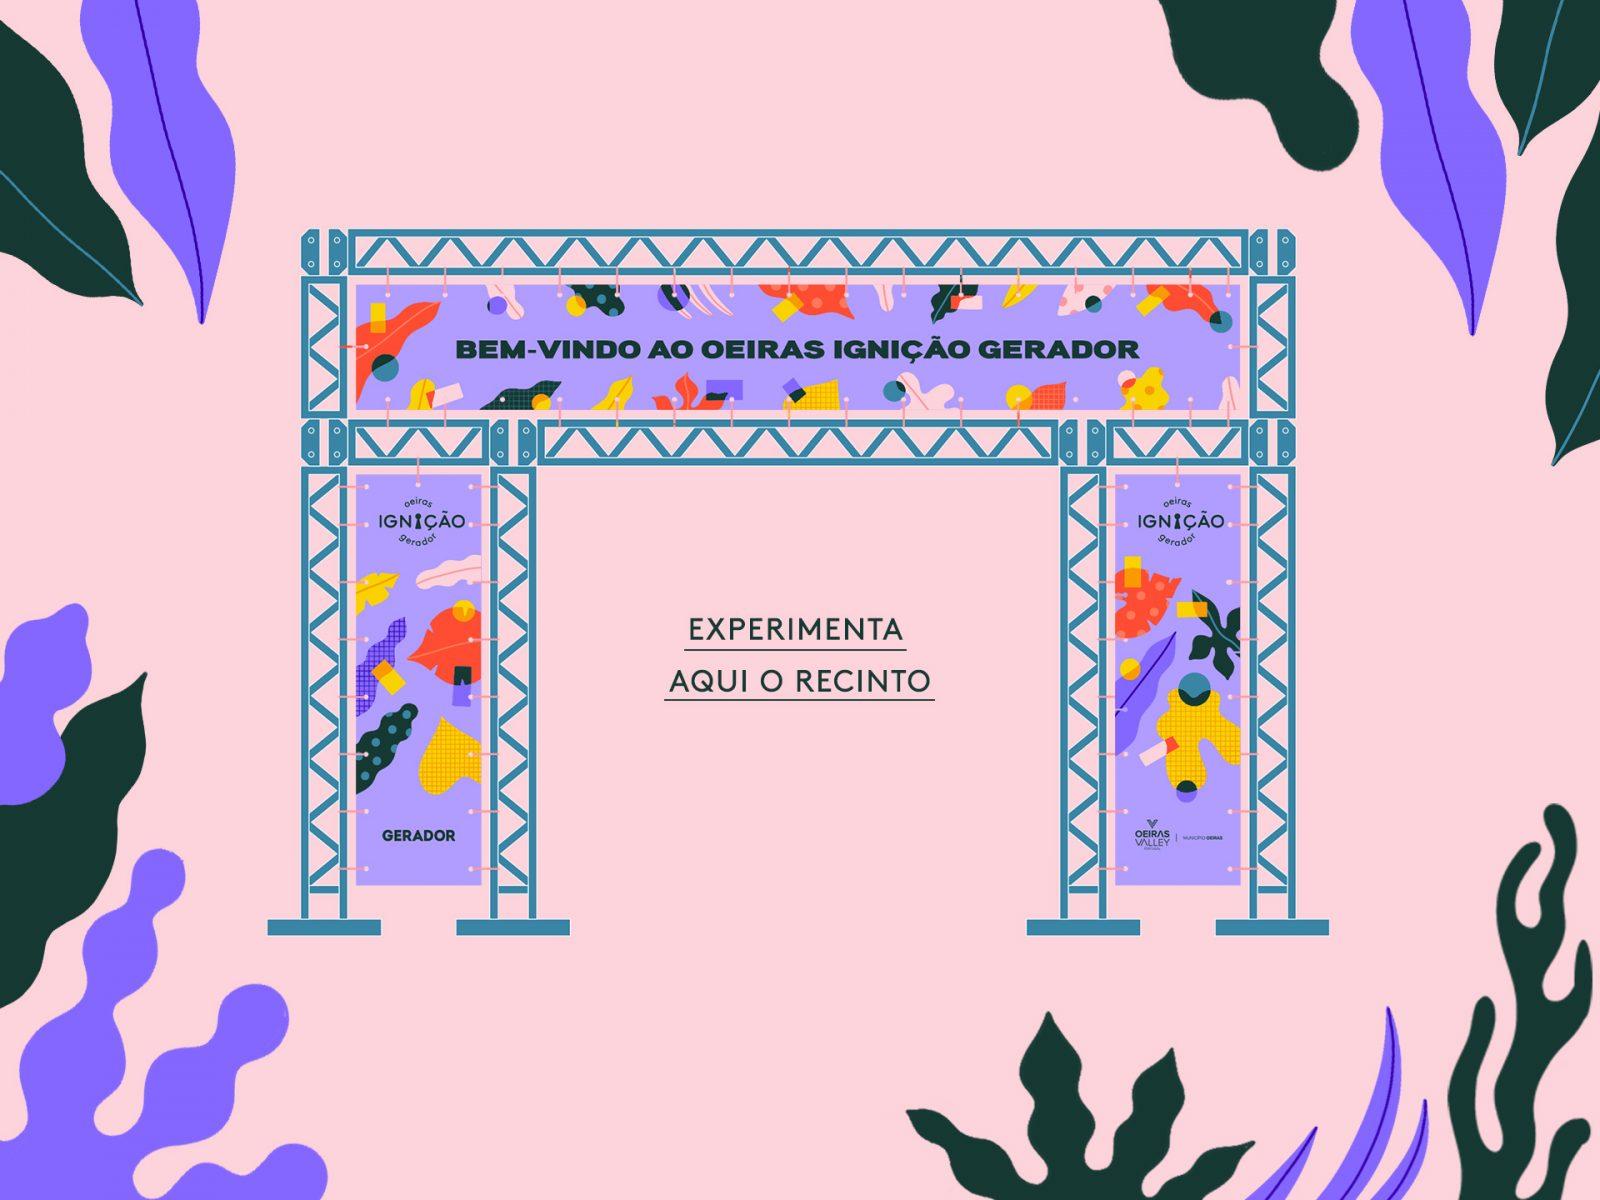 recinto_oeiras_ignicao_gerador_festival_online